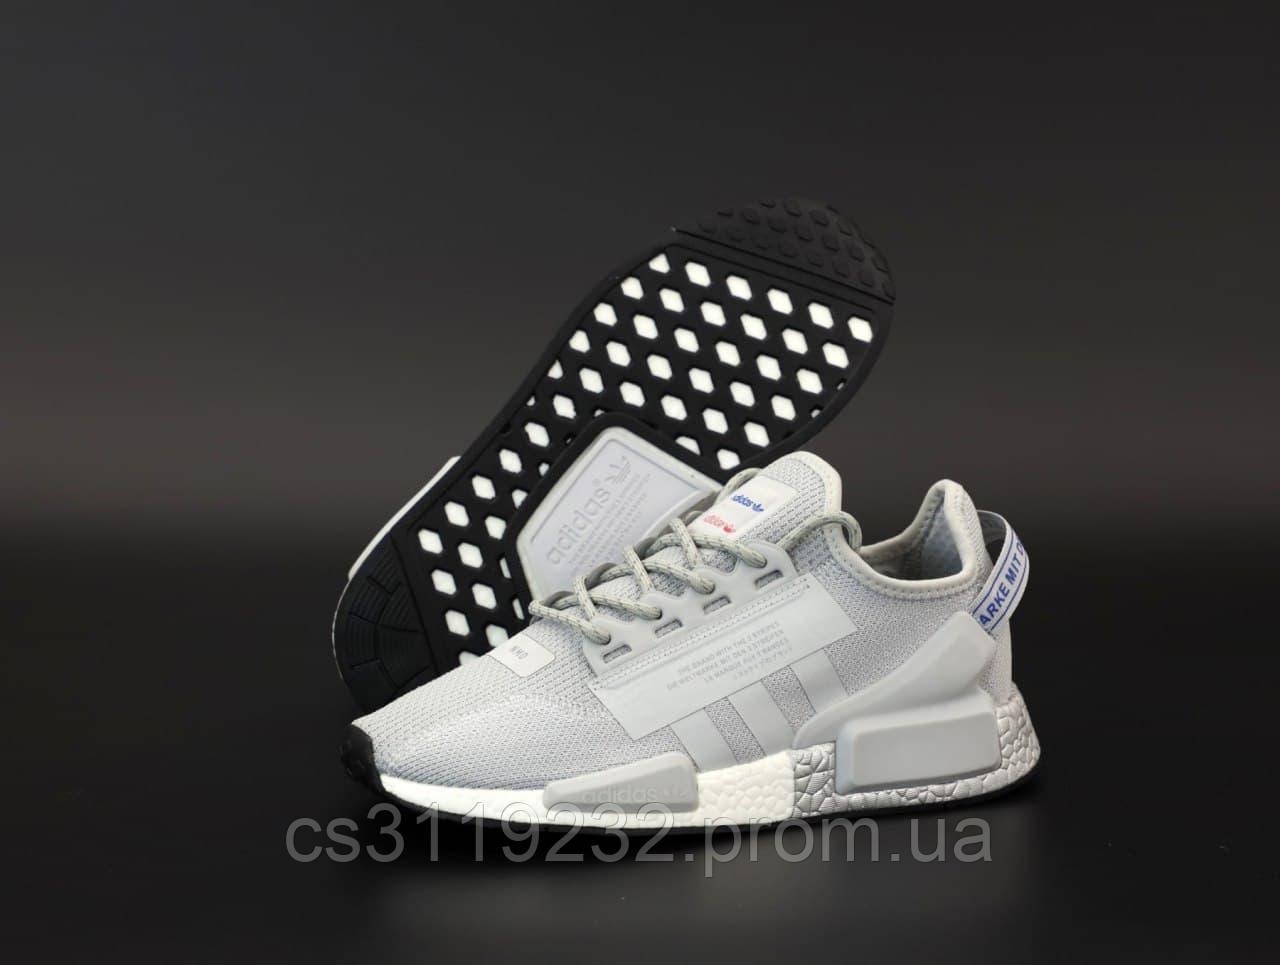 Мужские кроссовки Adidas NMD R1 V2 (серый)